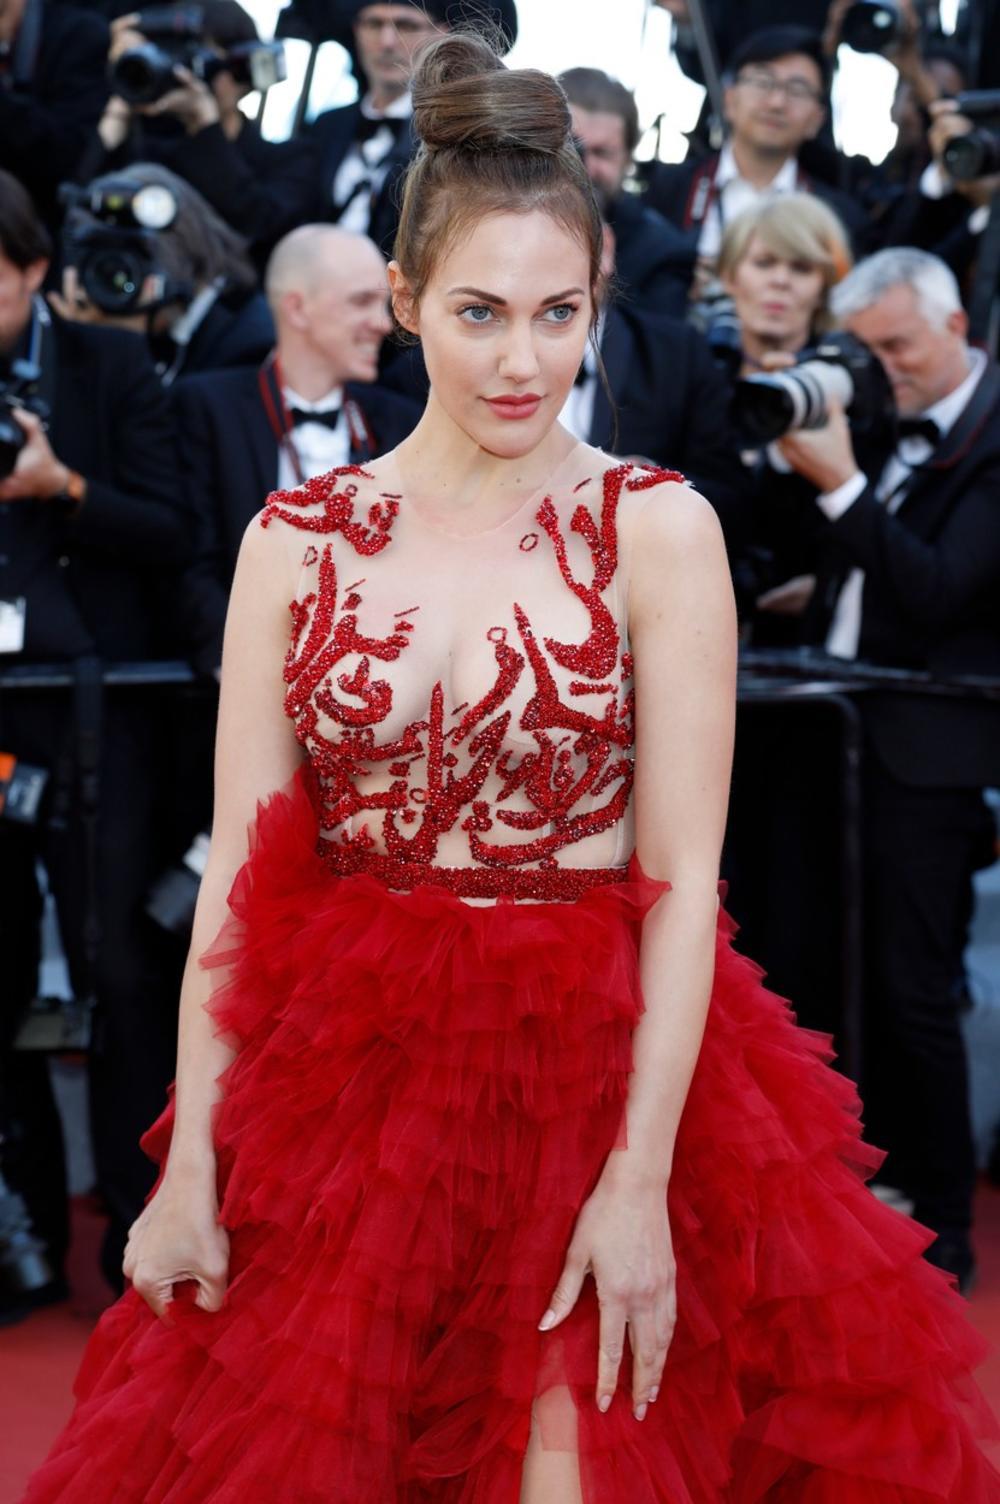 <p>Niko ne bi očekivao da zajedno vidi omiljenu tursku glumicu i zvezdu latino sapunica!</p>